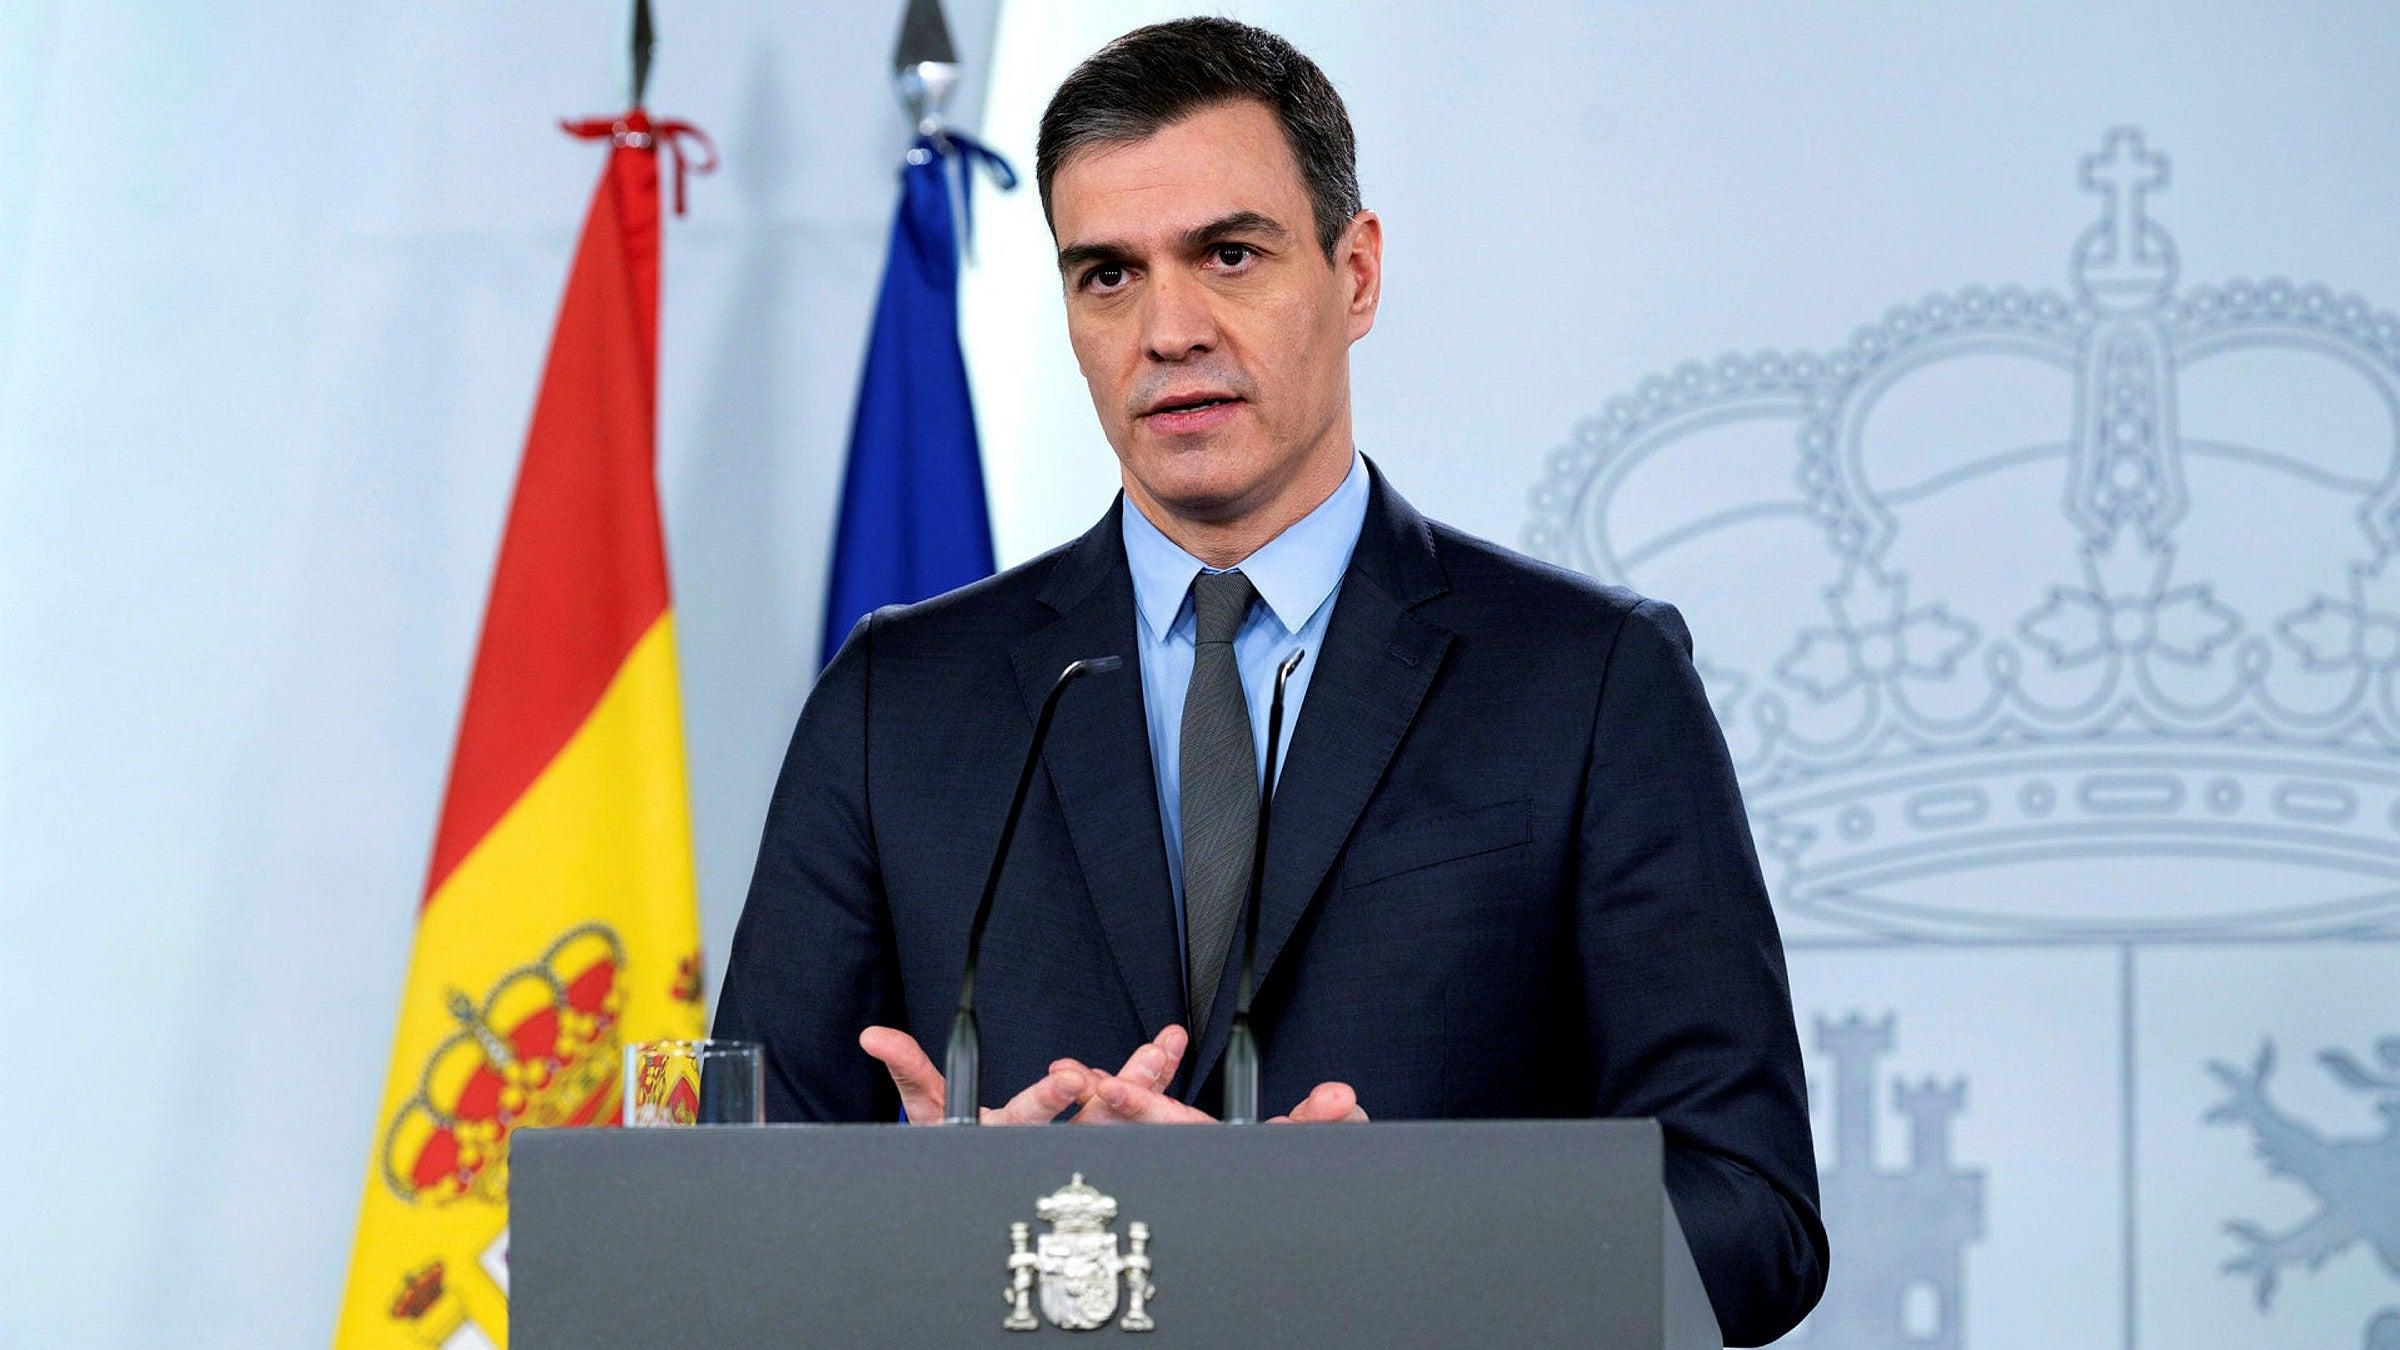 رئيس الحكومة الاسبانية يجدد تأكيده على قوة العلاقات التي تجمع بلاده بالمغرب